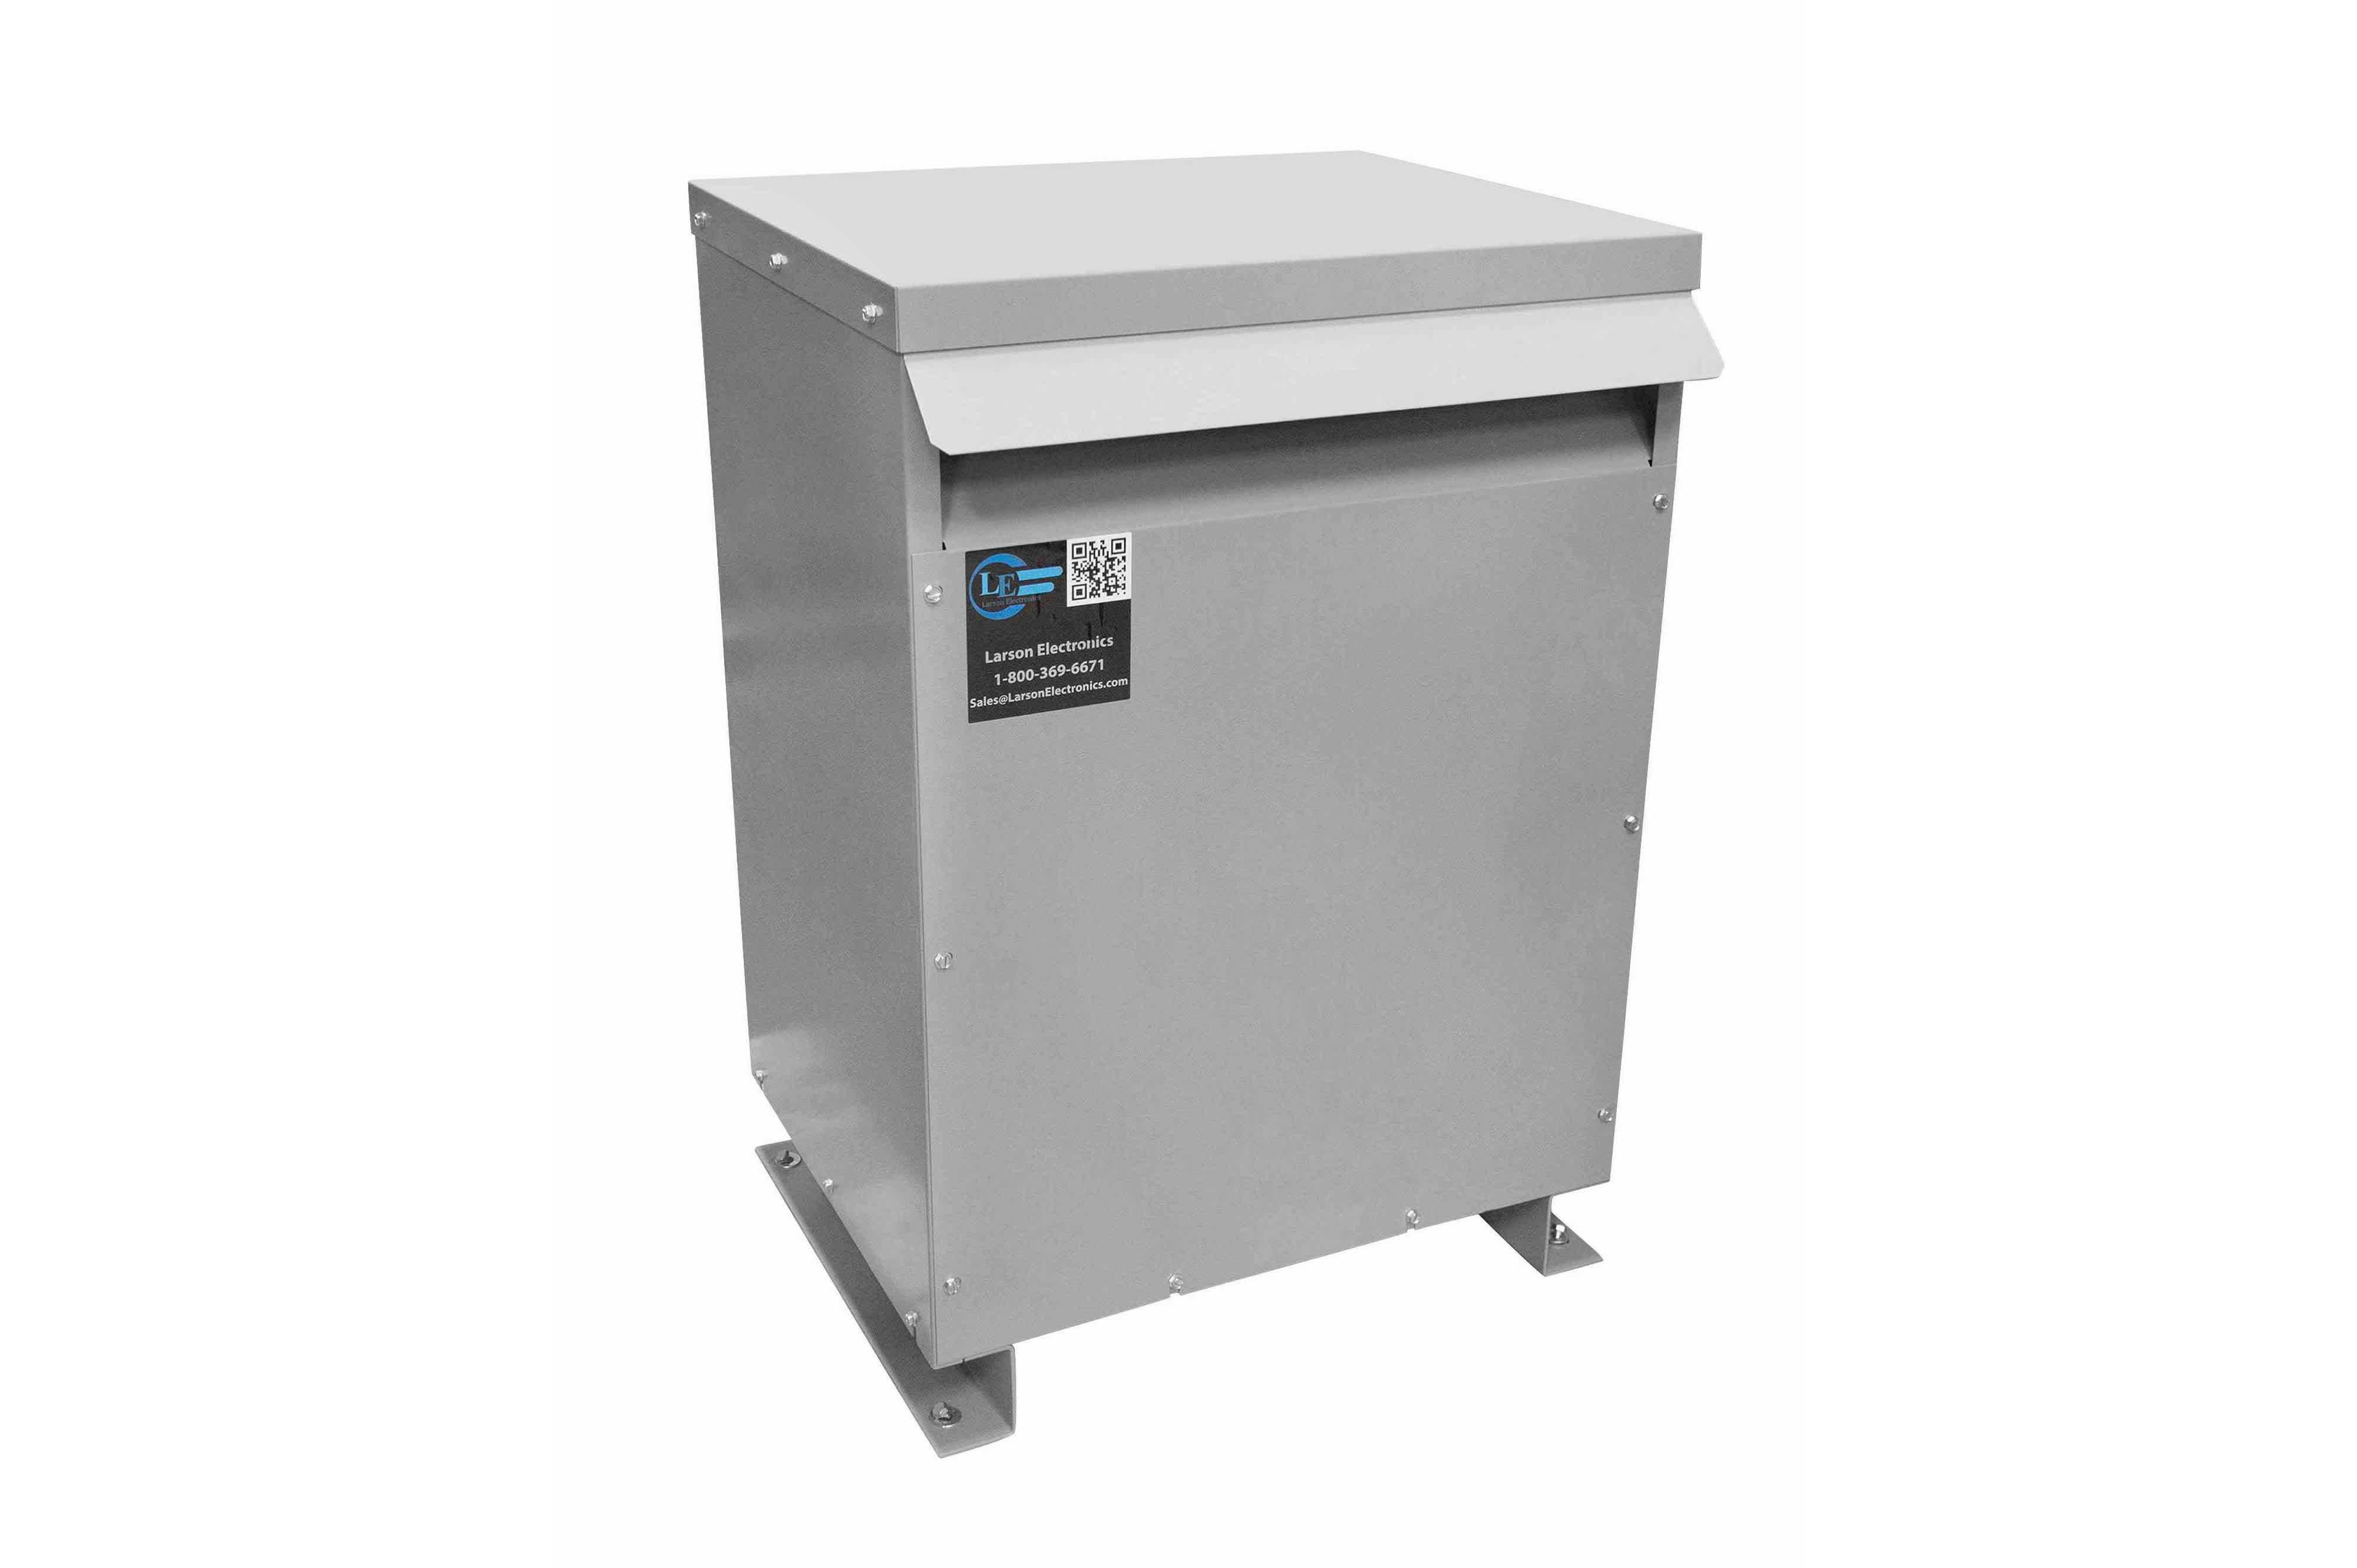 75 kVA 3PH DOE Transformer, 415V Delta Primary, 240V/120 Delta Secondary, N3R, Ventilated, 60 Hz